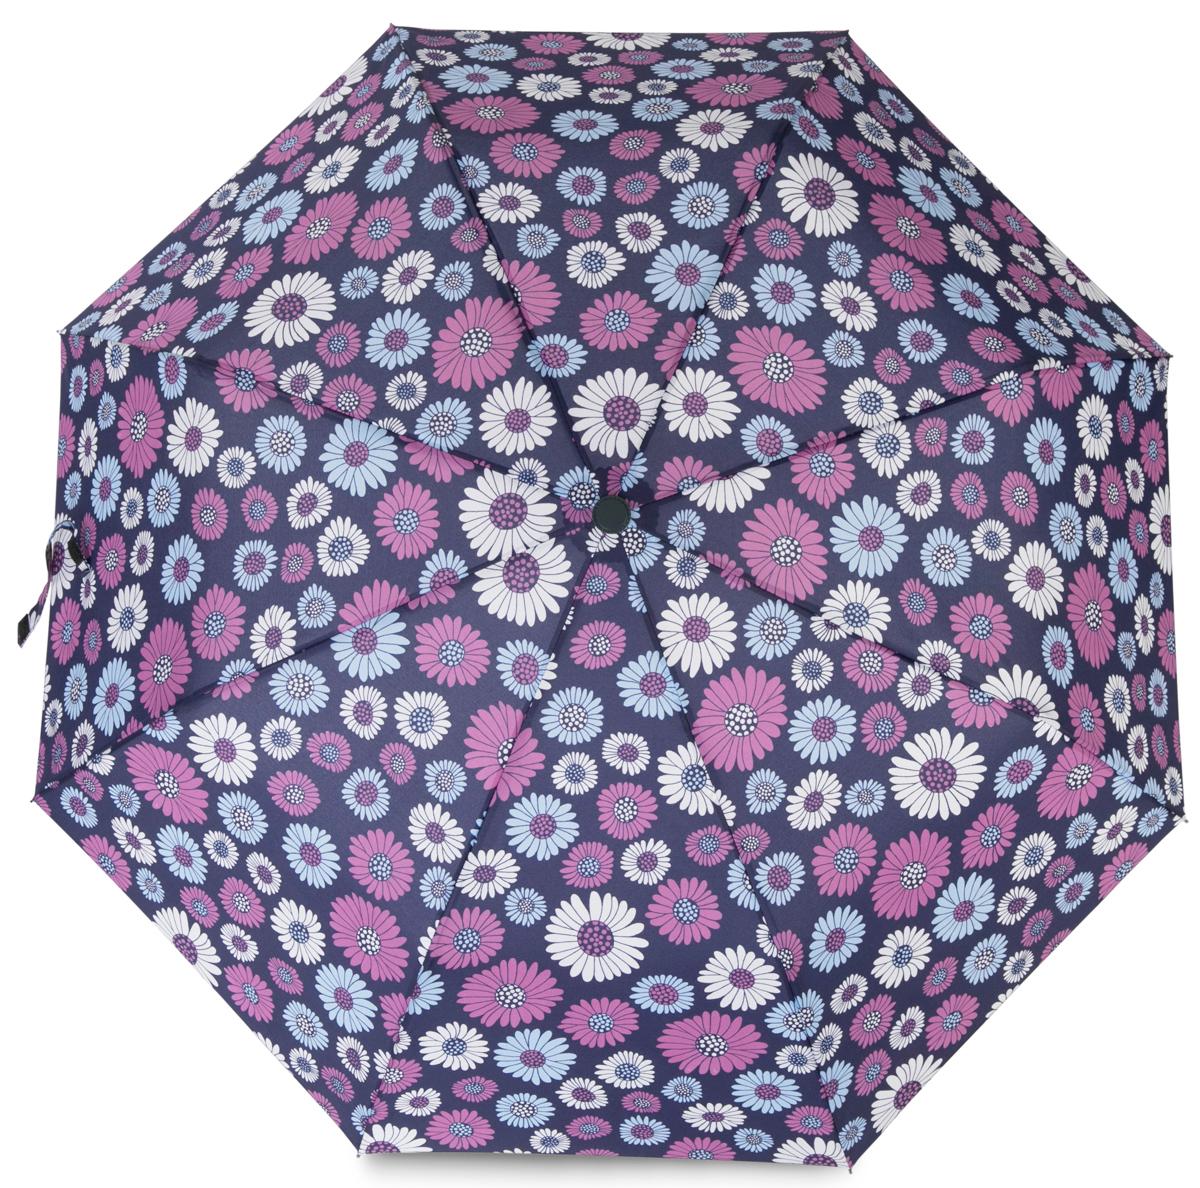 Зонт женский Baudet, полуавтомат, 3 сложения, цвет: темно-фиолетовый. 10598-4 цены онлайн